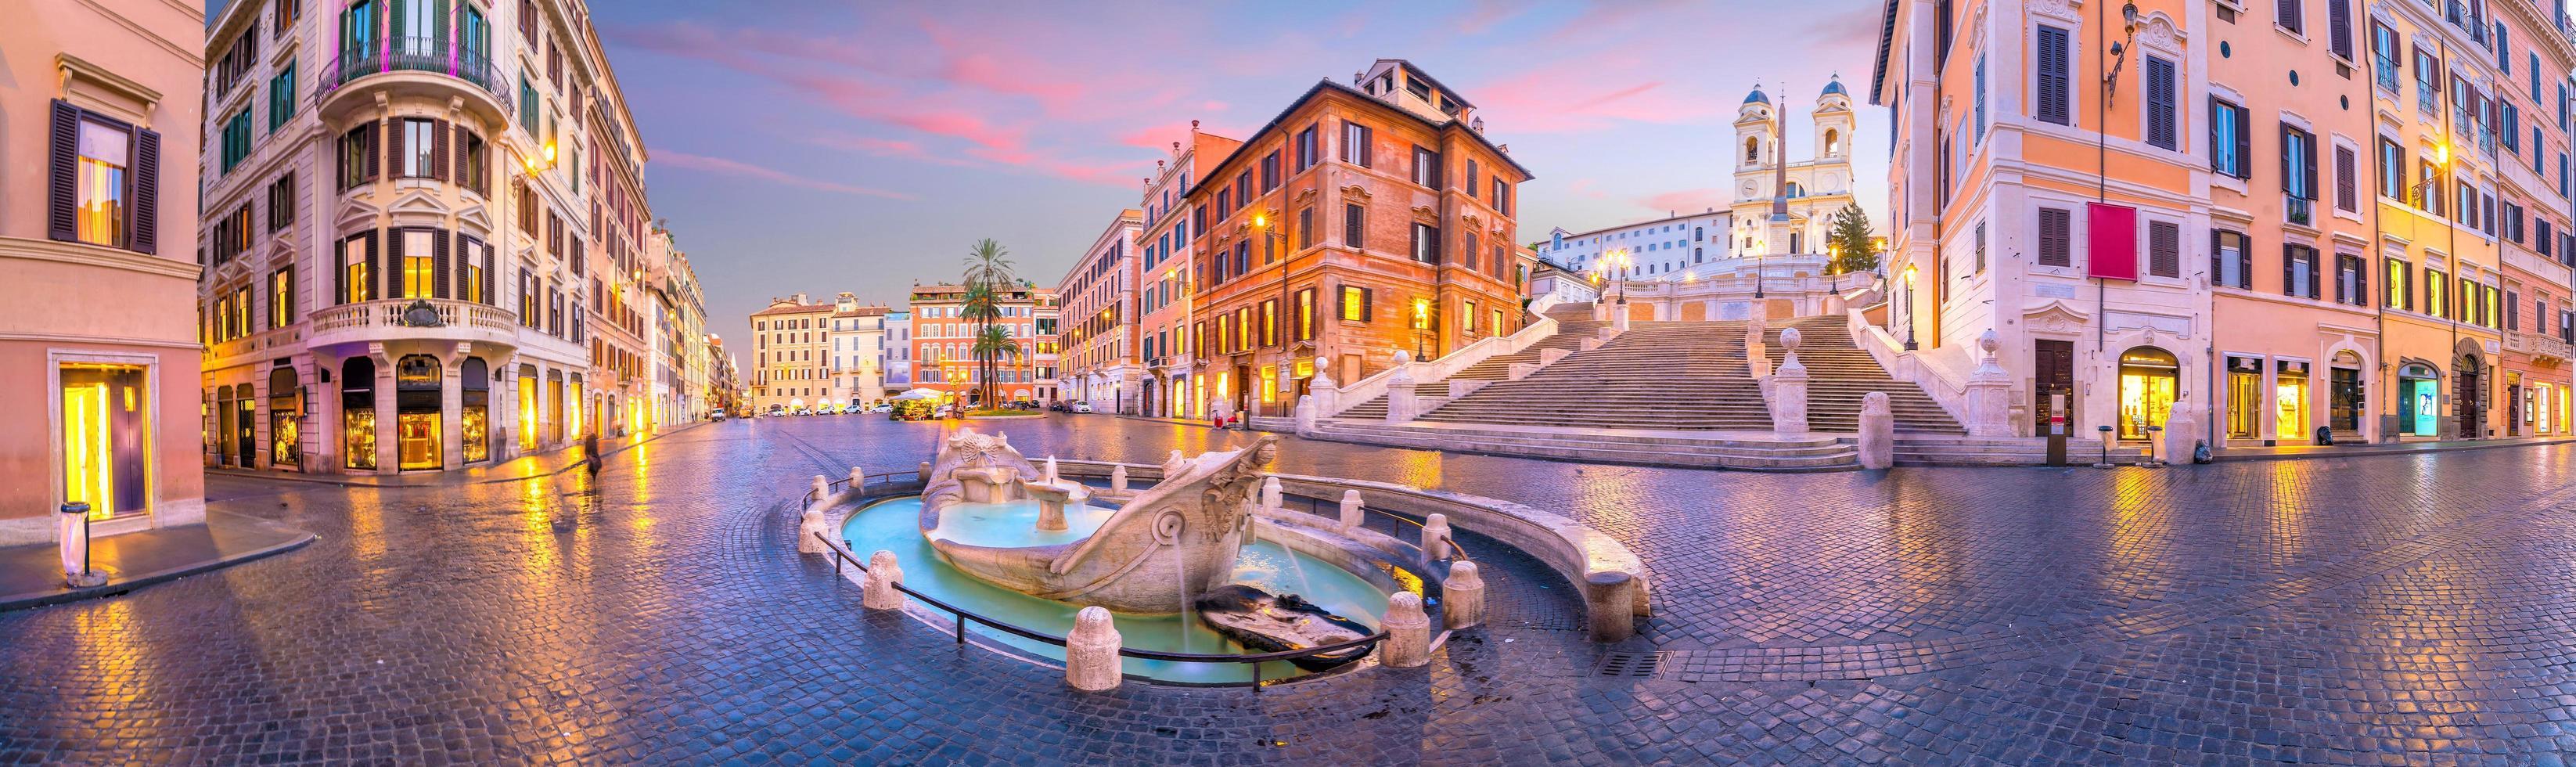 Piazza de Spagna español en Roma Italia foto